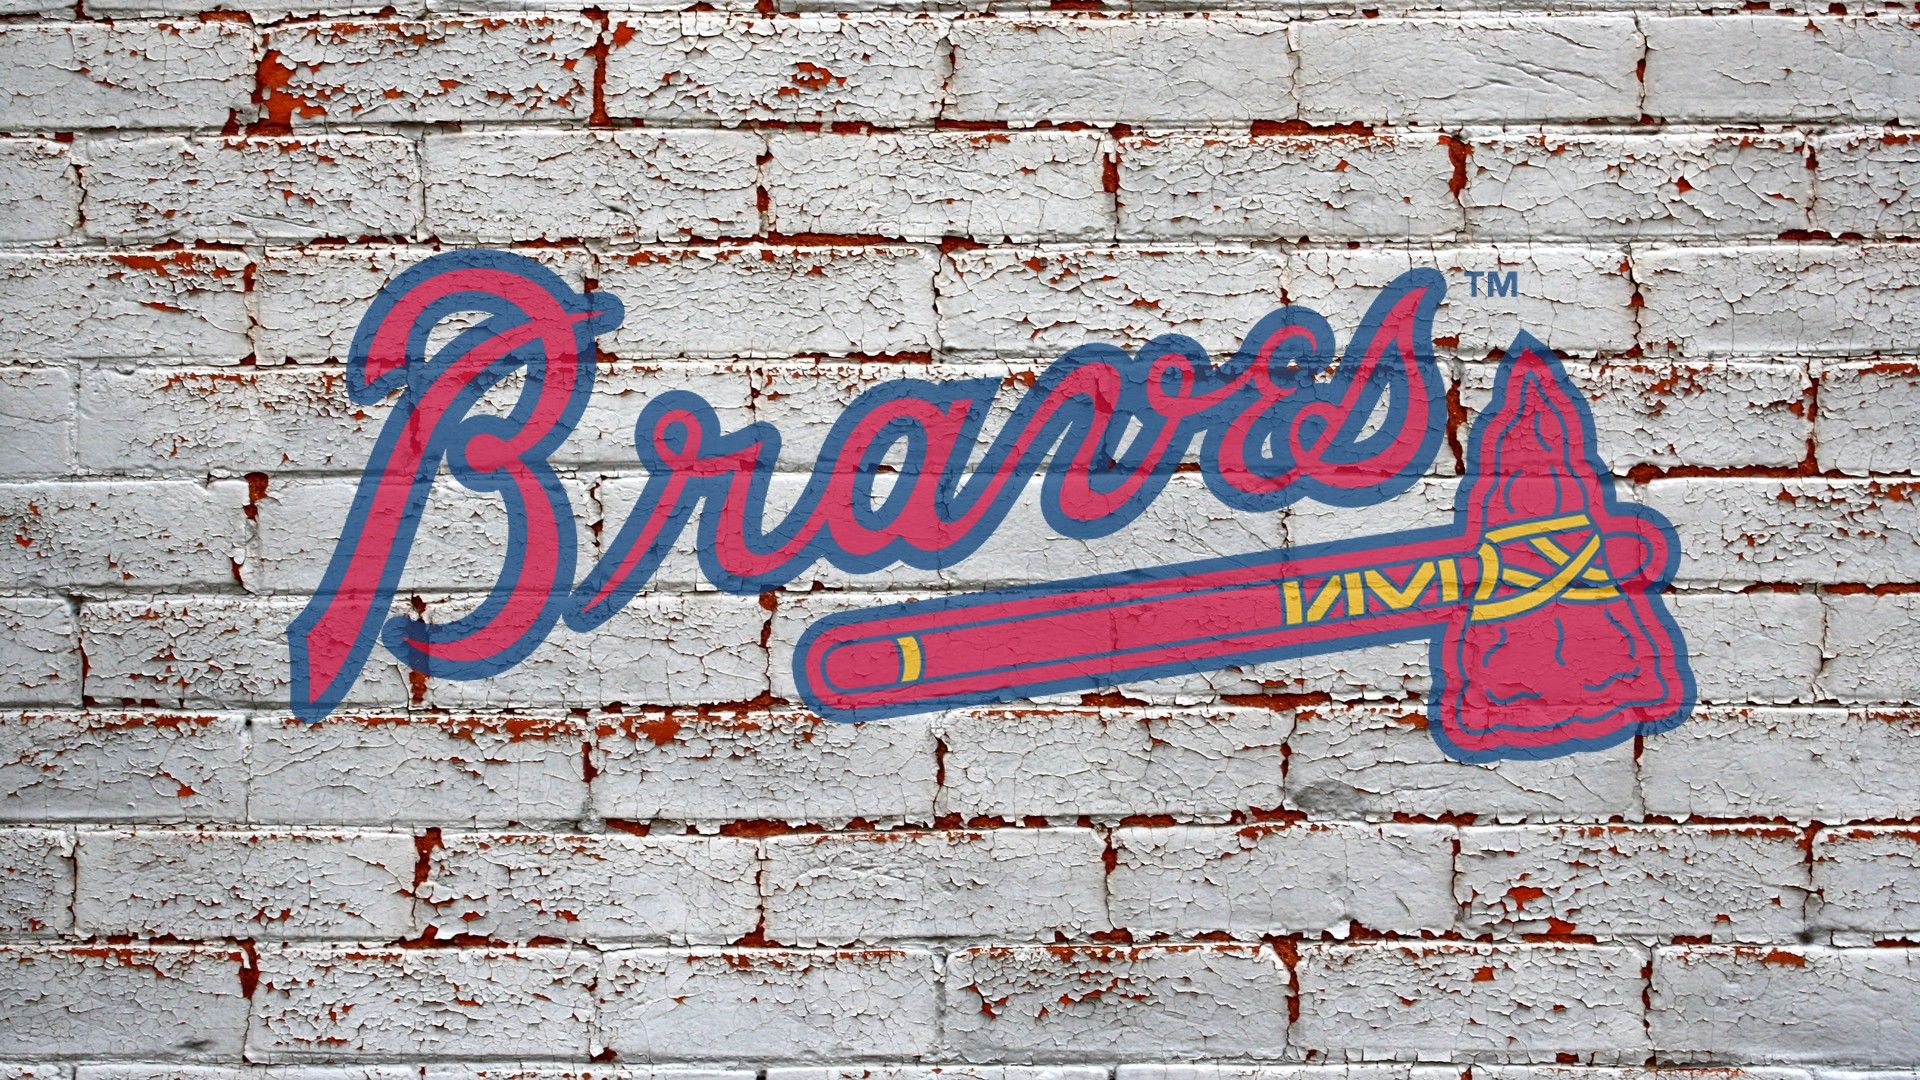 Atlanta Braves Brick Wall Backgrounds Atlanta Braves Hd